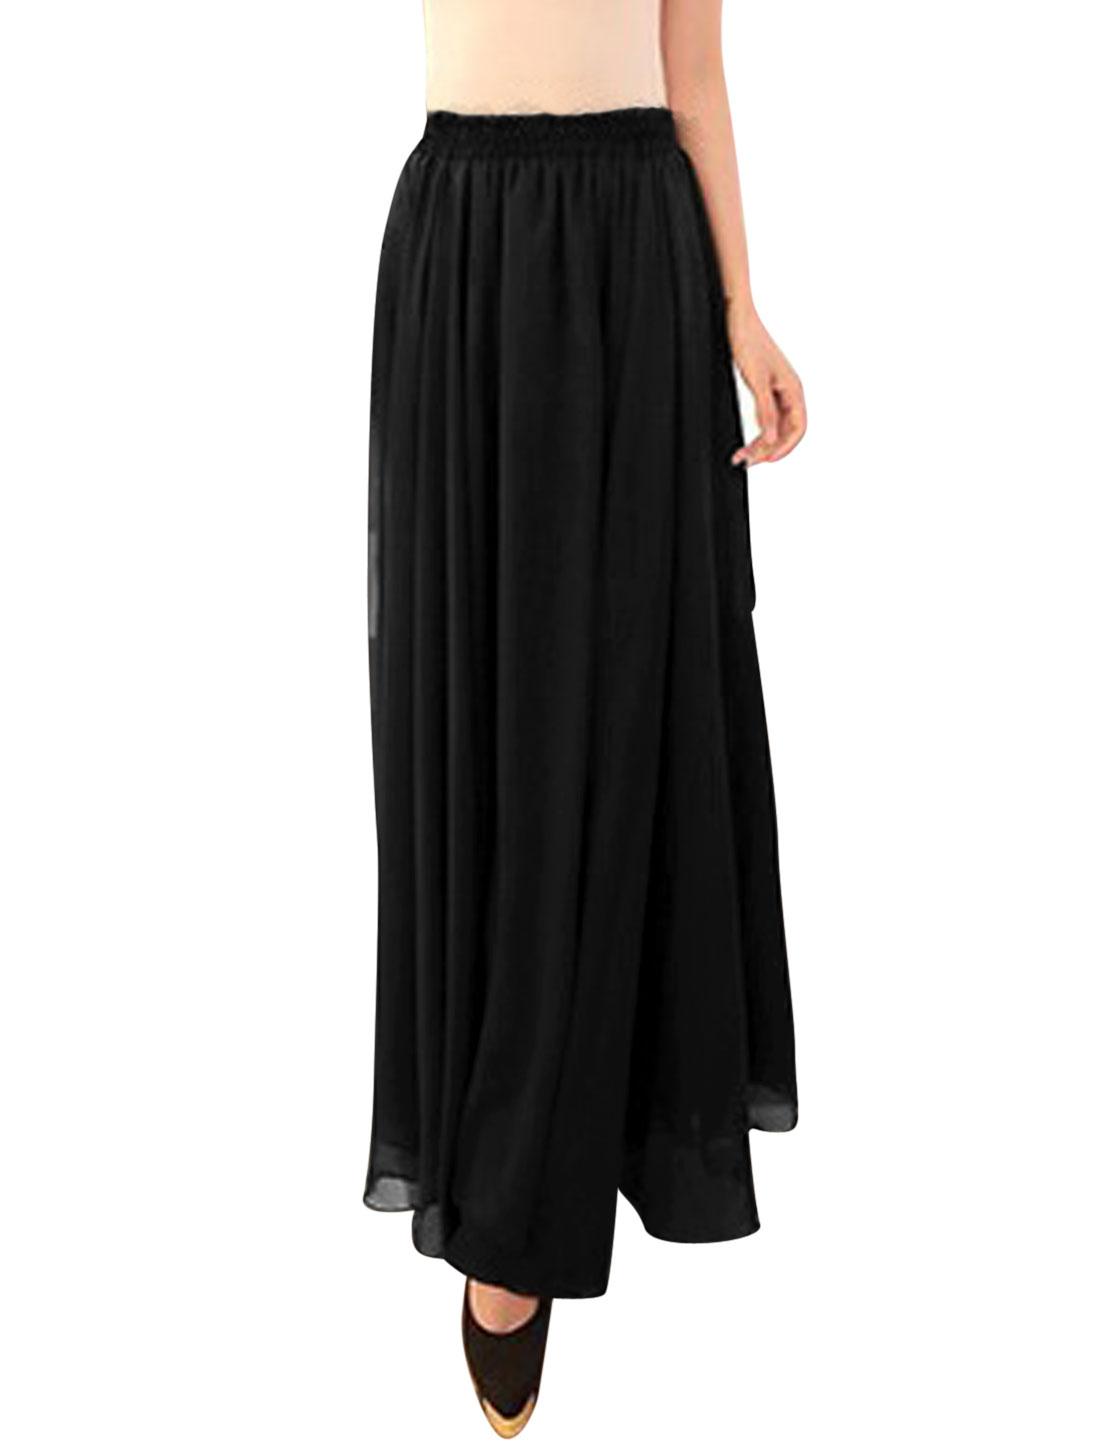 Women Mid Rise Elastic Waist Fully Lined Beach Summer Skirt Black S